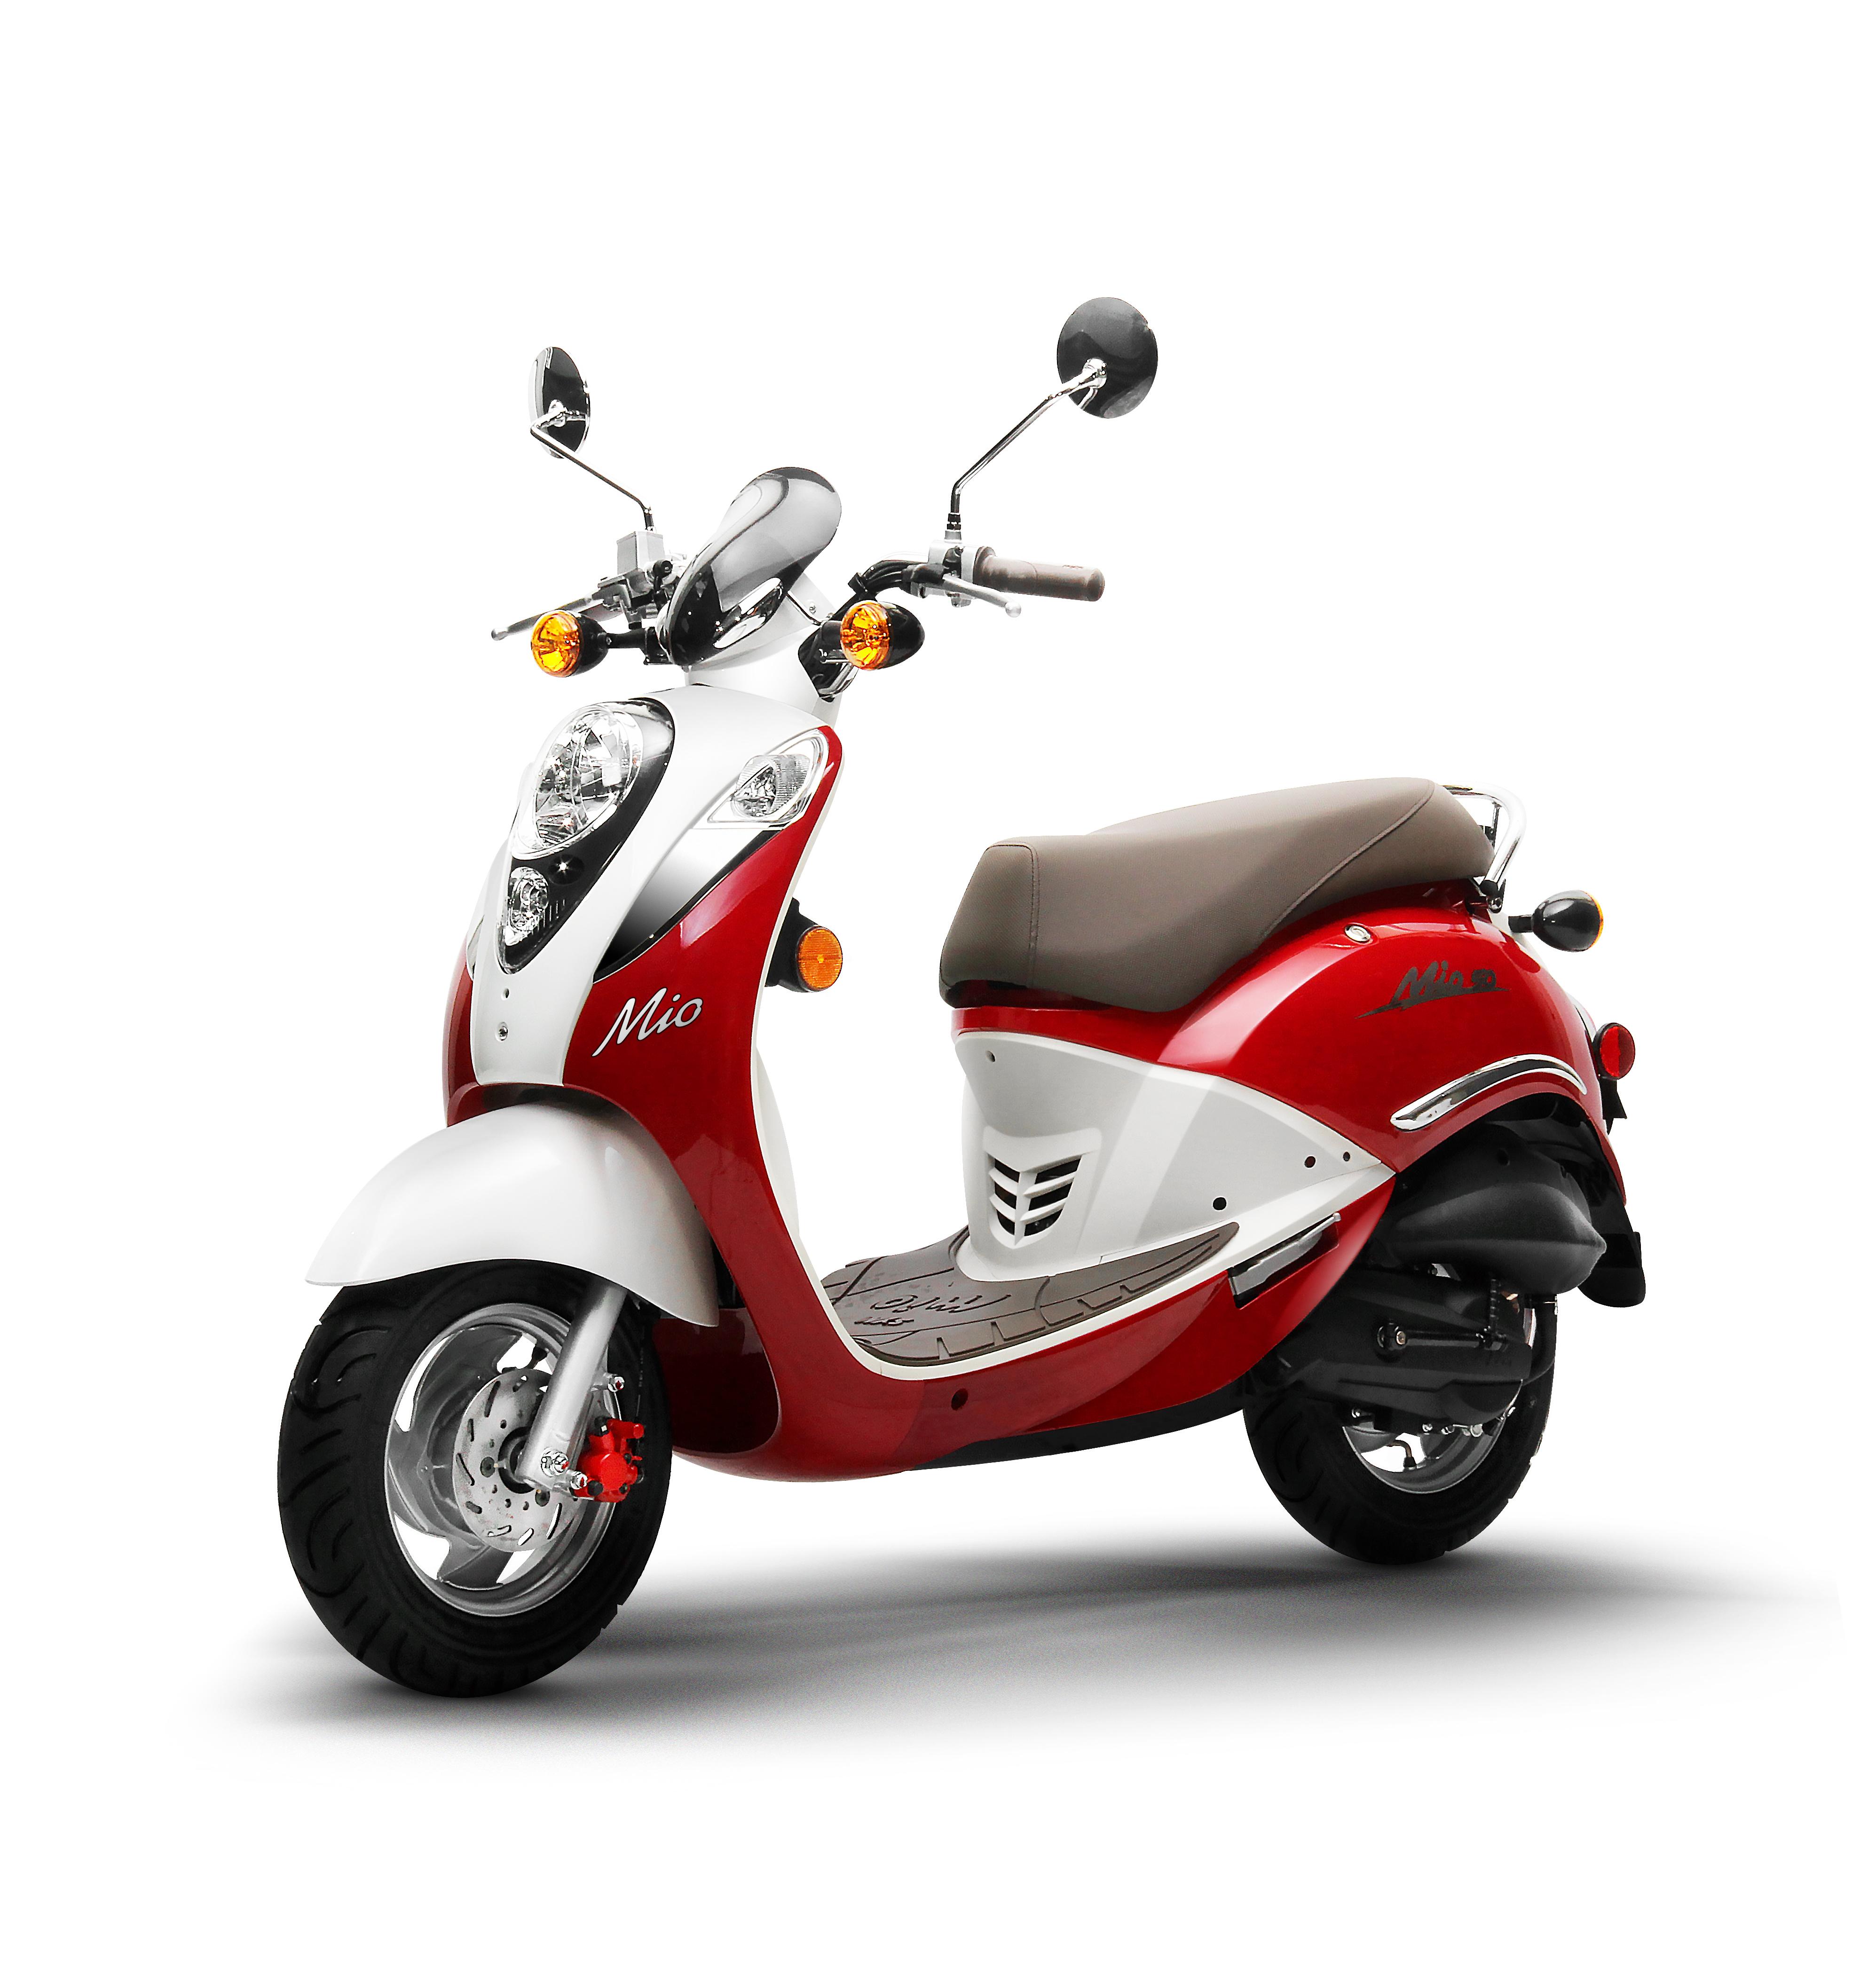 Red Sym Mio 50_Scoots